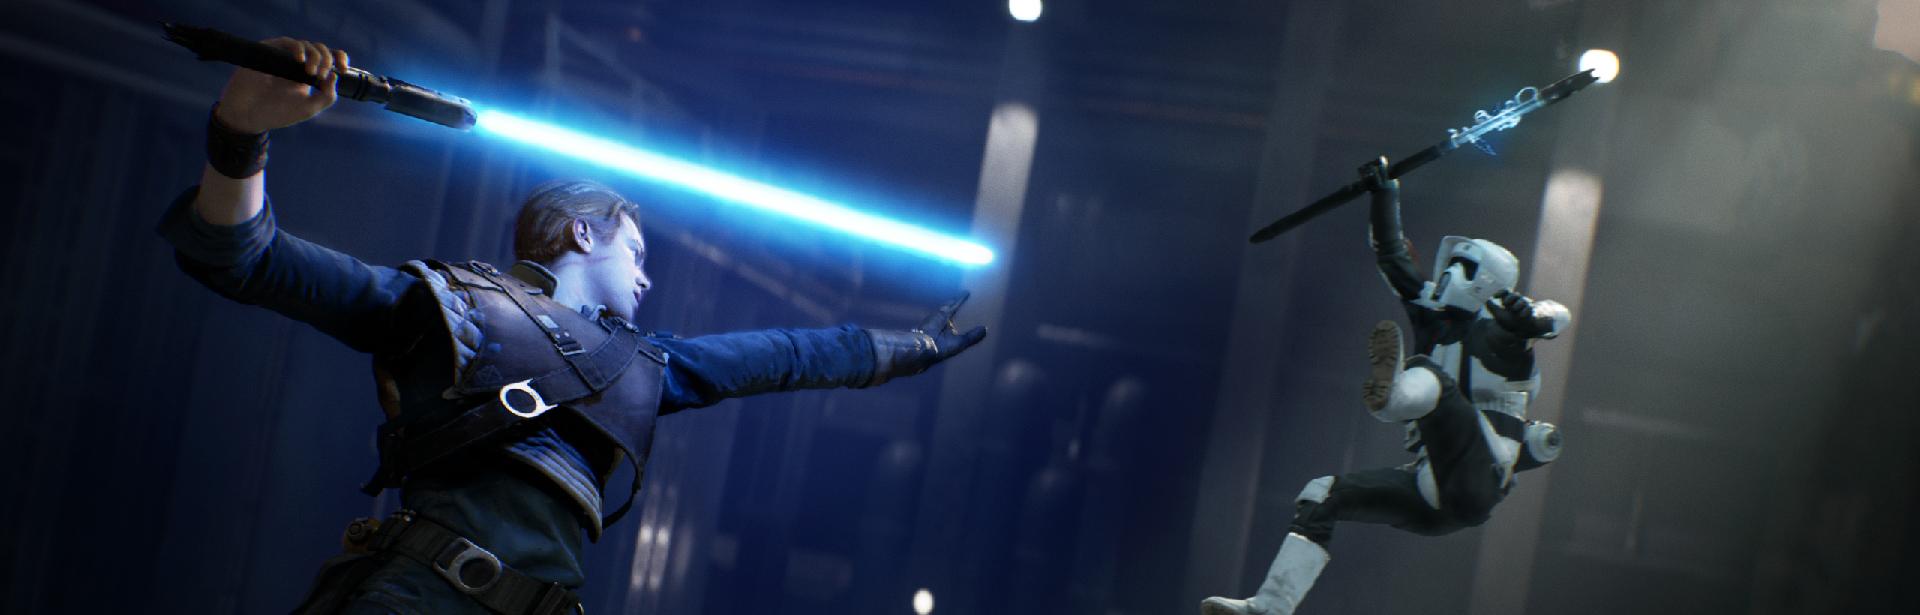 Star Wars Jedi: Fallen Order Game Guide header